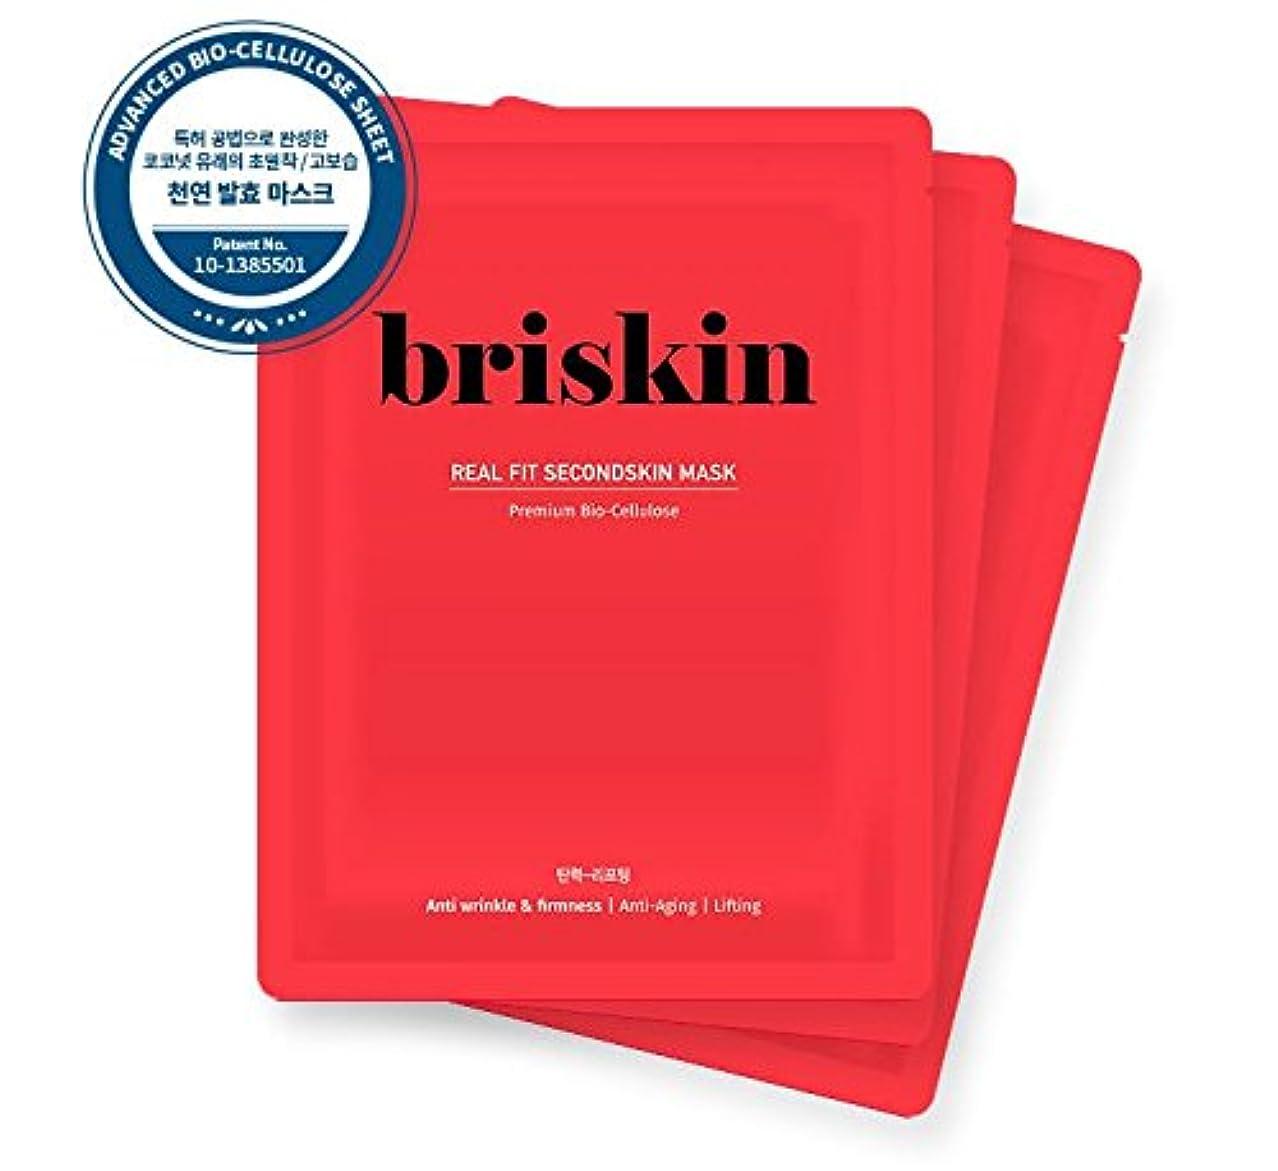 デザートドナーリルBriskin Real Fit Secondskin Mask [Wrinkle & Firmness] ブリスキン シートマスク 弾力 (10枚) [並行輸入品]